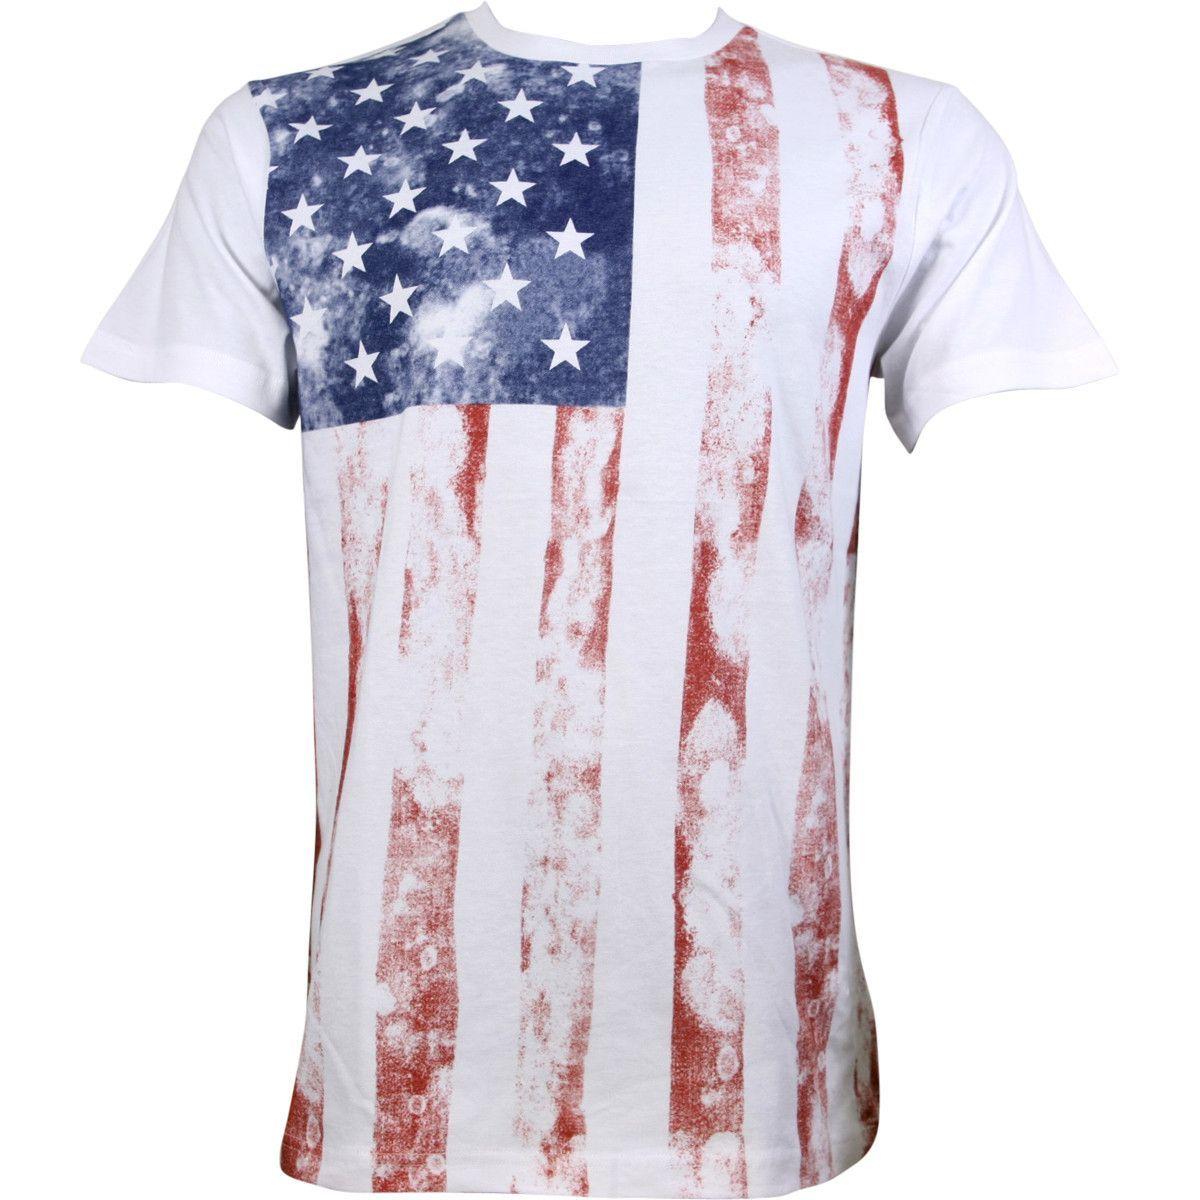 SGR Apparel - Men's Americana T-Shirts - White